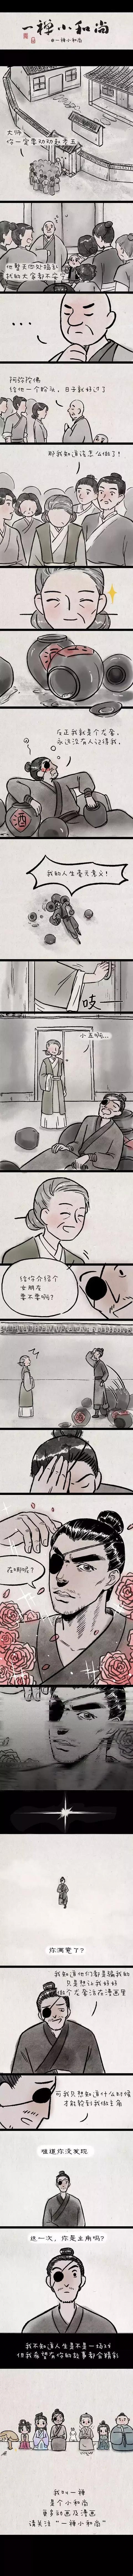 「暖心漫畫」你或許平凡,但對於我來說也很重要